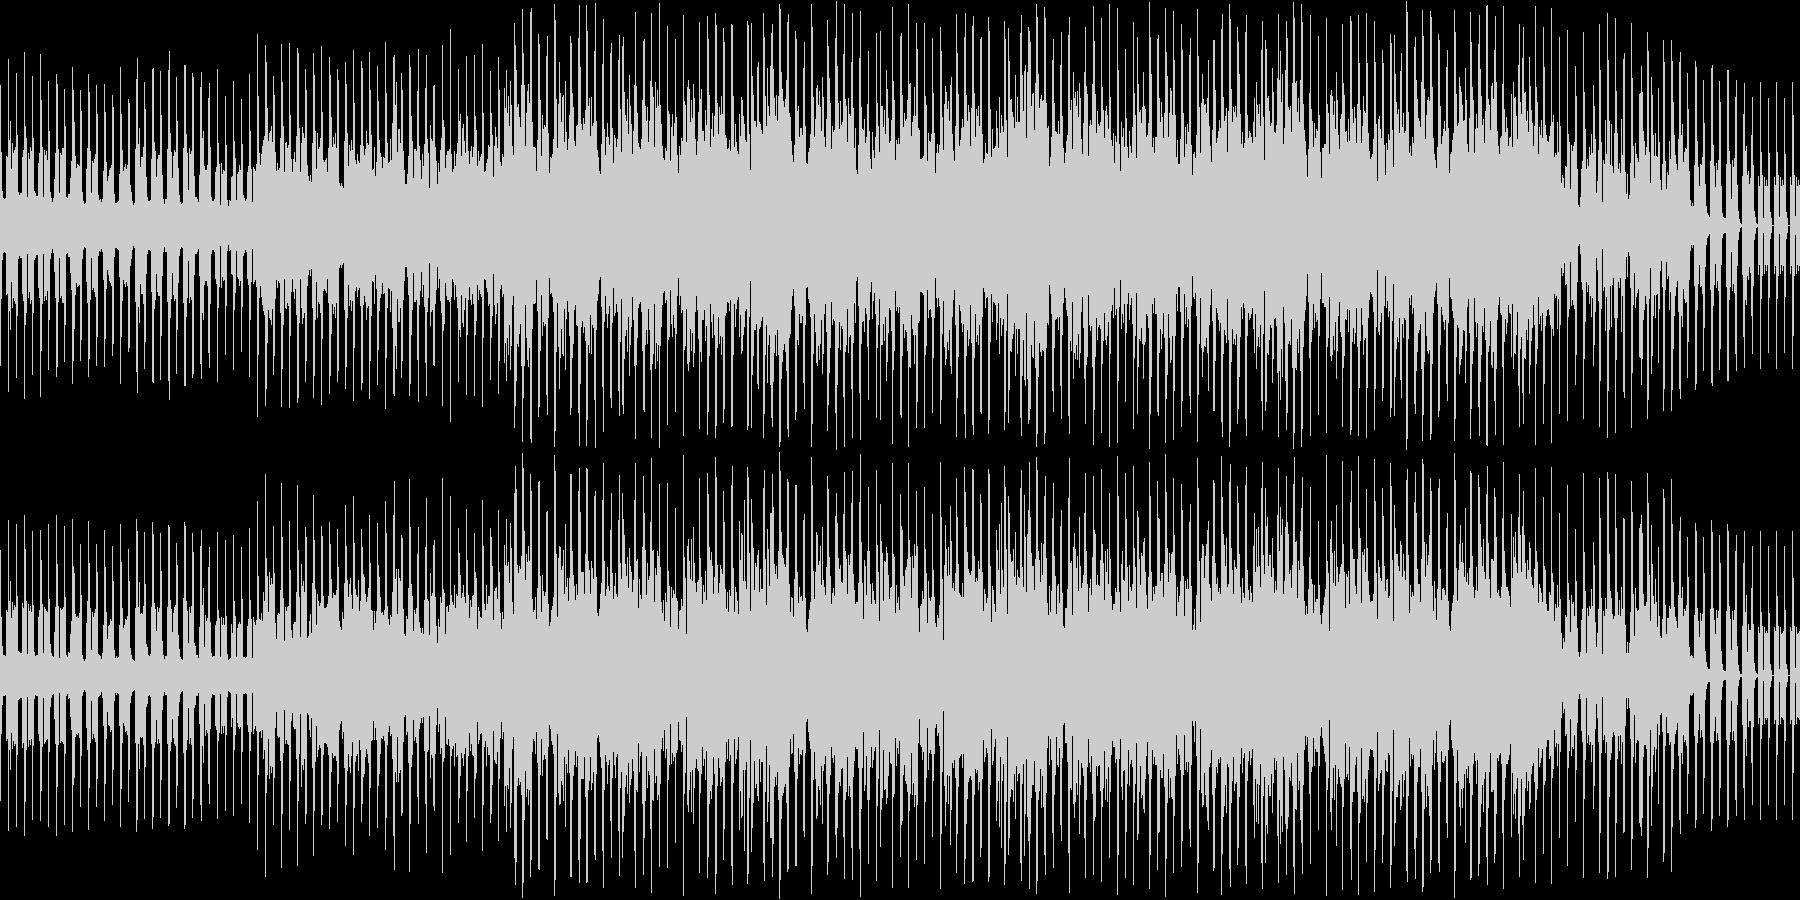 ピアノとシンセとコーラスの落ち着いた曲調の未再生の波形